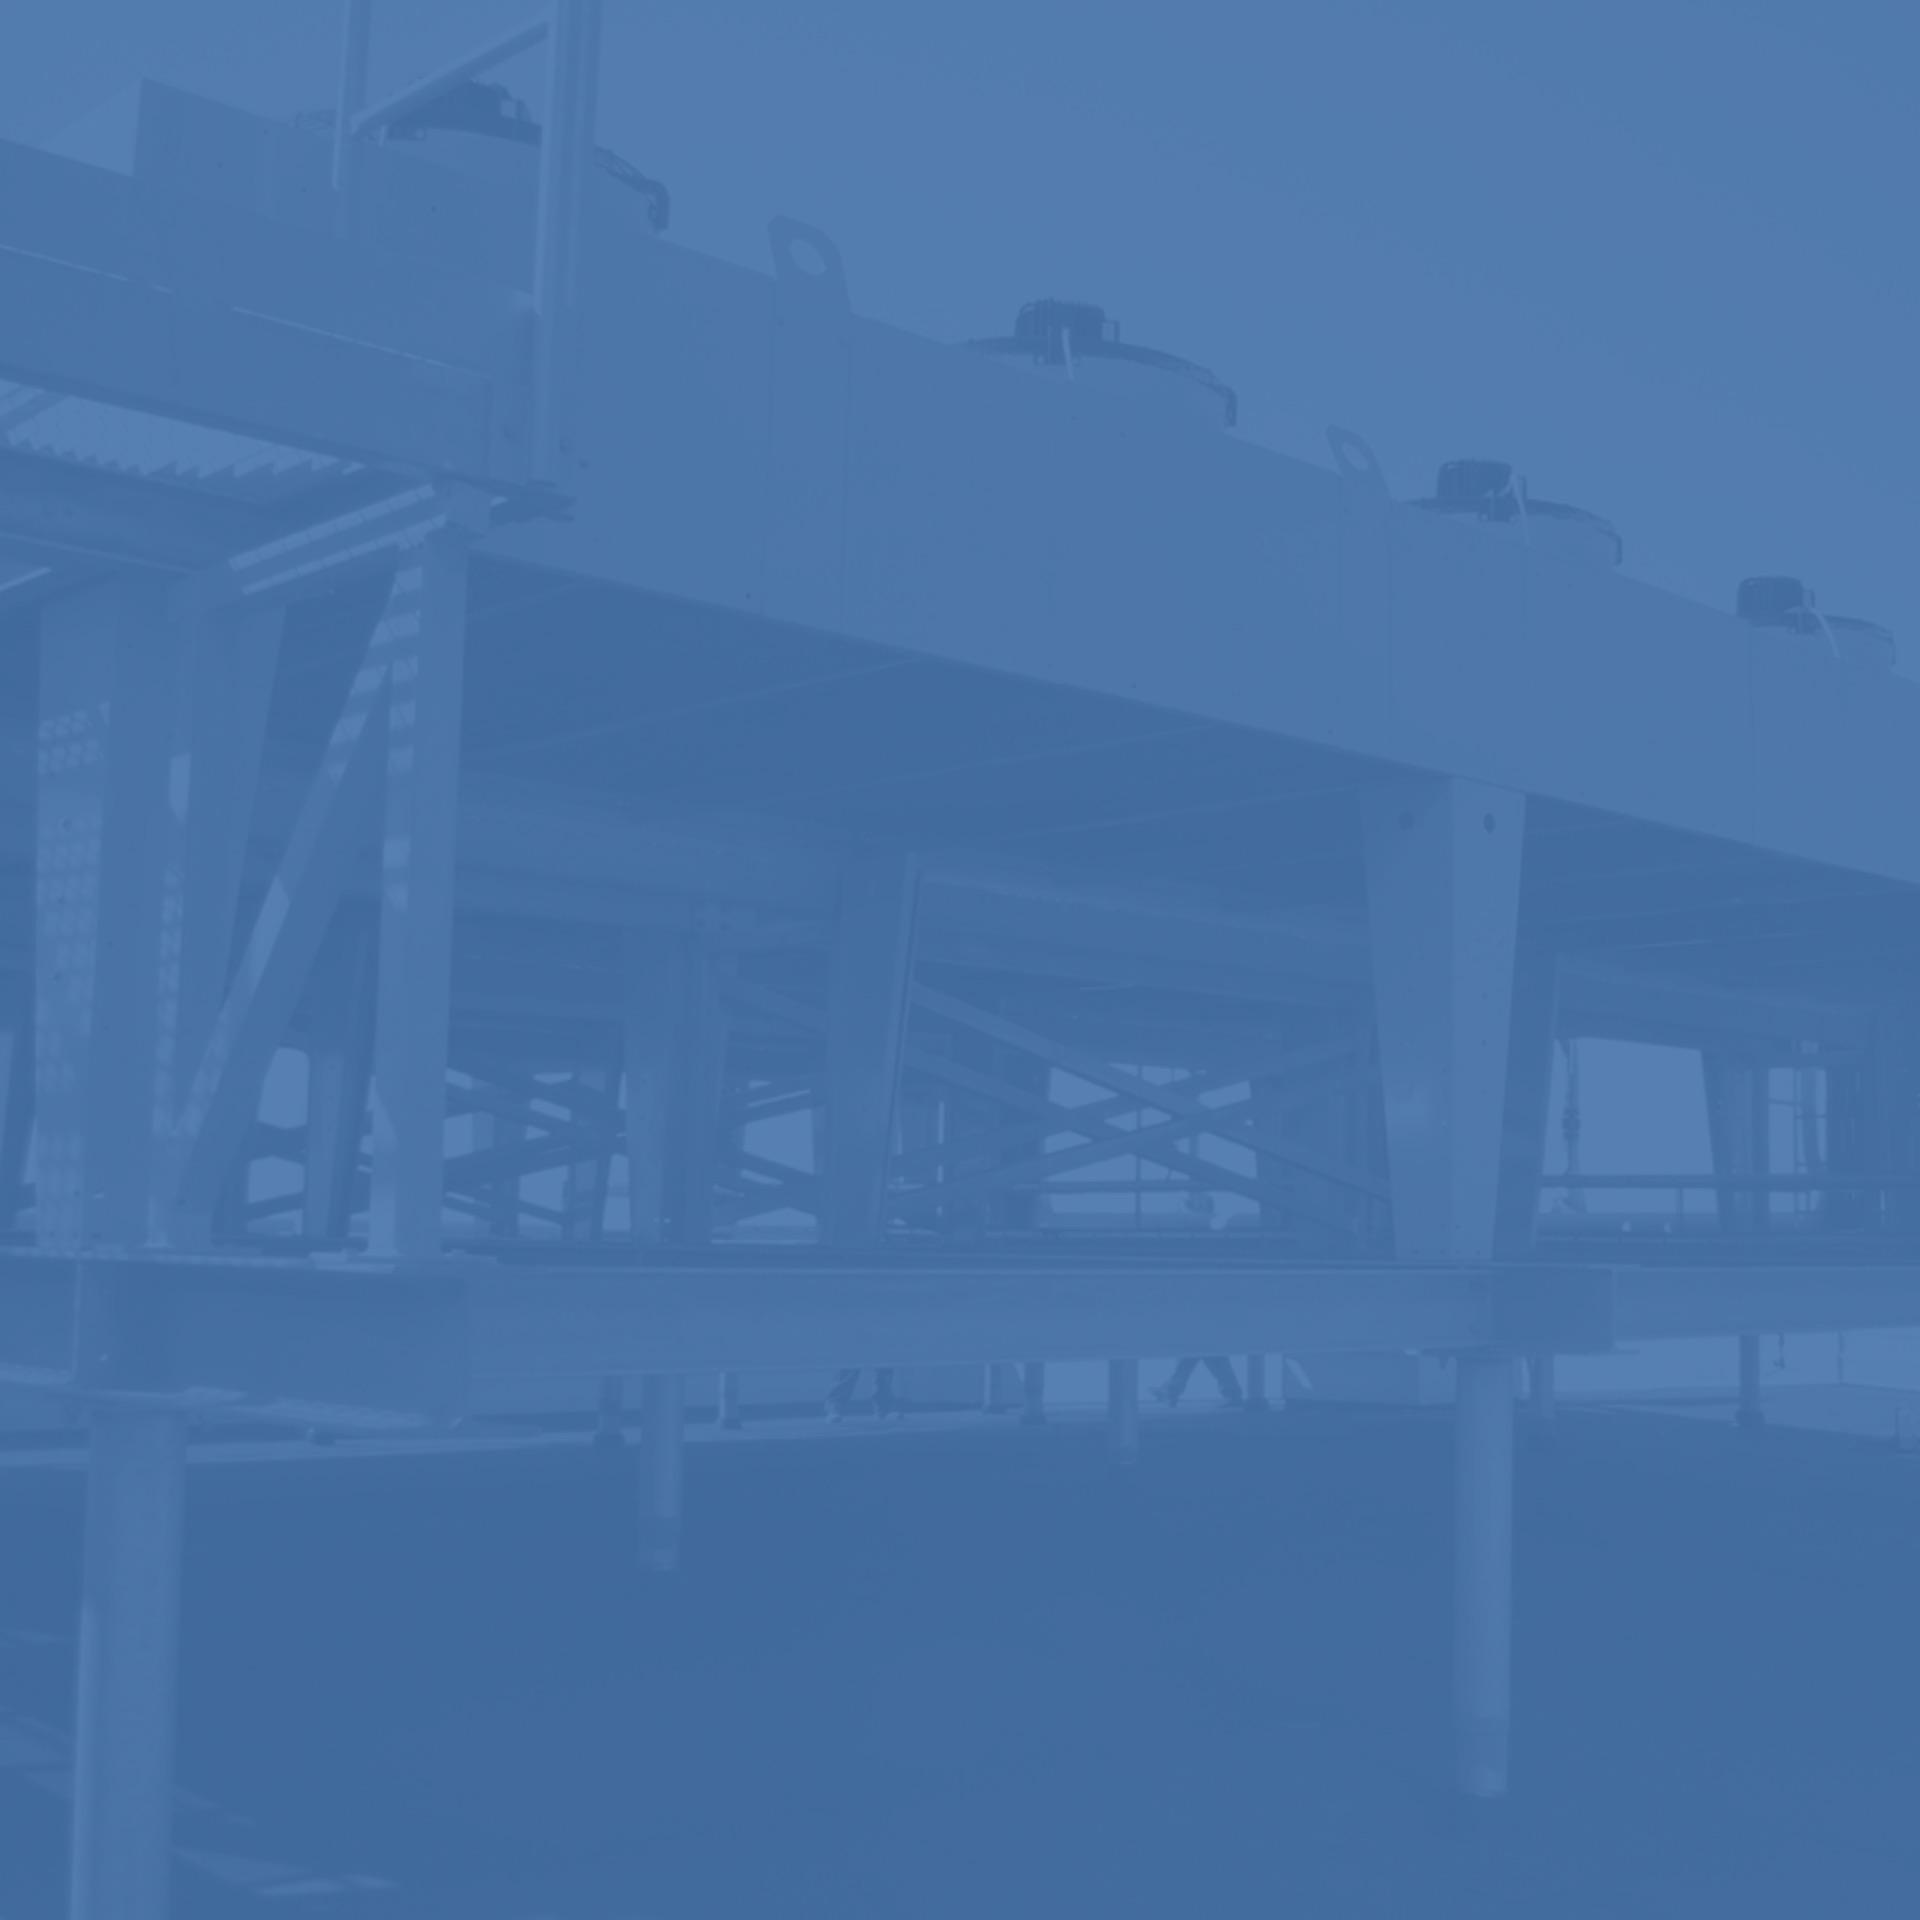 GWA_Kuehlanlagentechnik_Luftkuehler_mit_Ventilator_1_Gesellschaft_fuer_Waerme_und_Anlagentechnik_monochrom